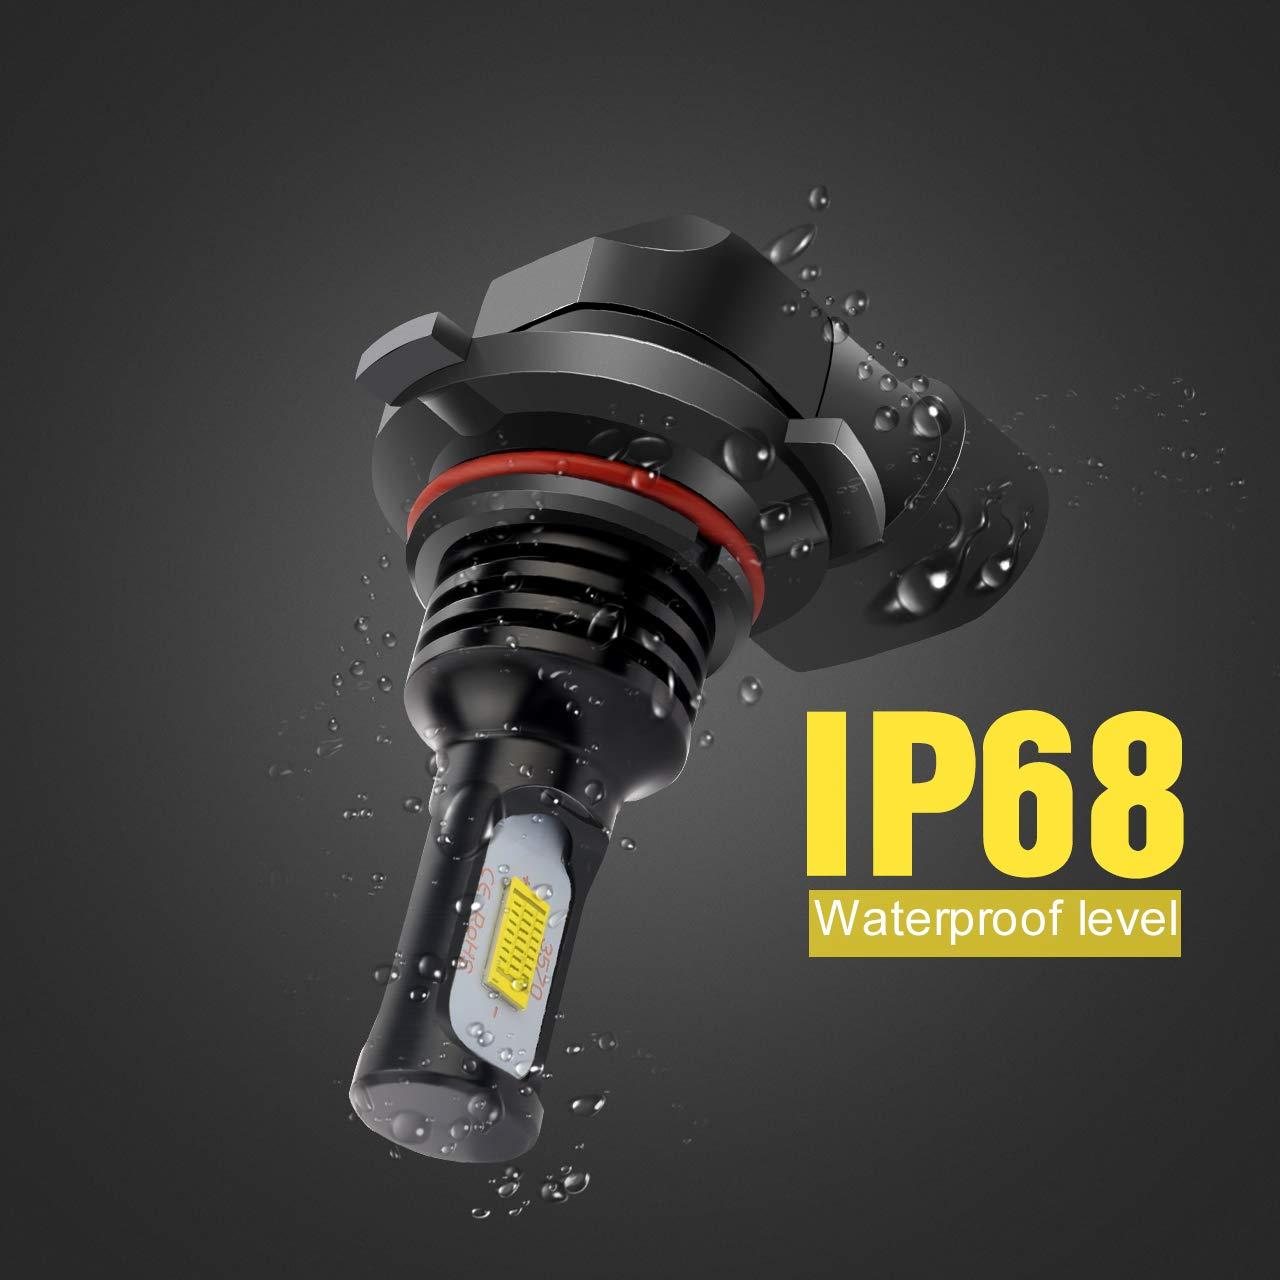 Golden Light 75 W KaTur 9006 HB4-Nebelscheinwerferlampen extrem hell 2400 Lumen max hohe Leistung f/ür Tagfahrlicht 9006, HB4 Golden Tagfahrlicht oder Nebelscheinwerfer